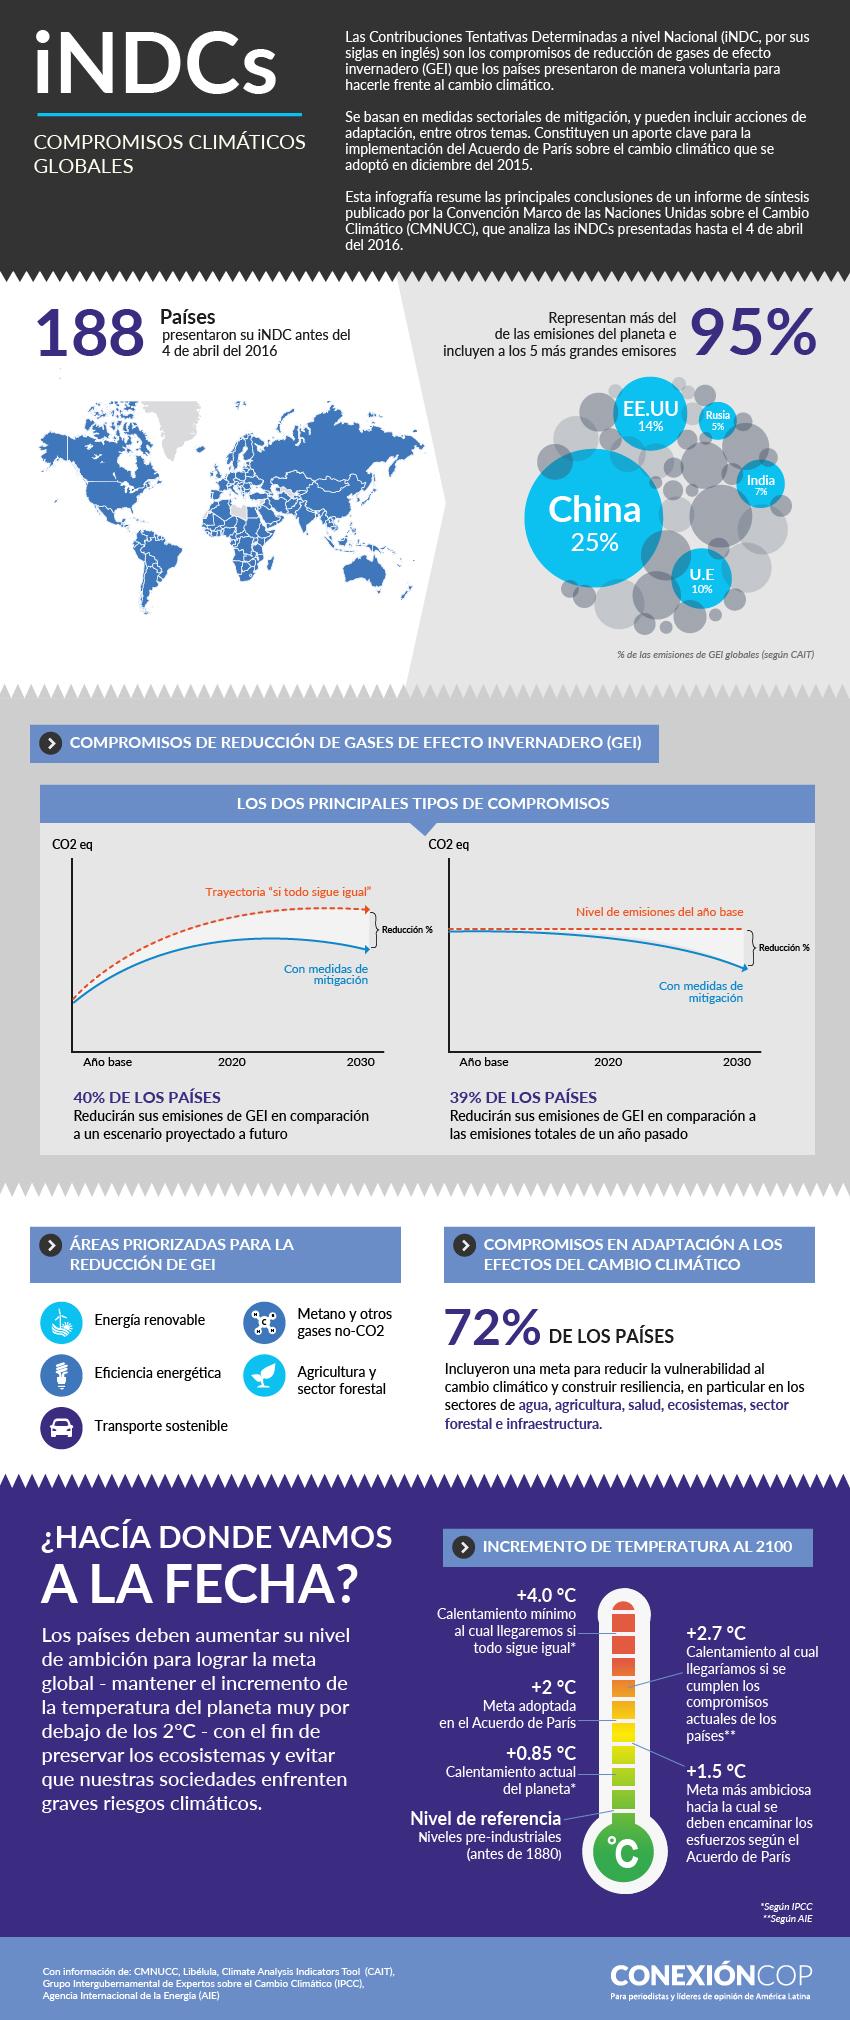 indc_mundo_2016_compromisos_clima_contribuciones_nacionales_cambio_climatico_acuerdo_paris